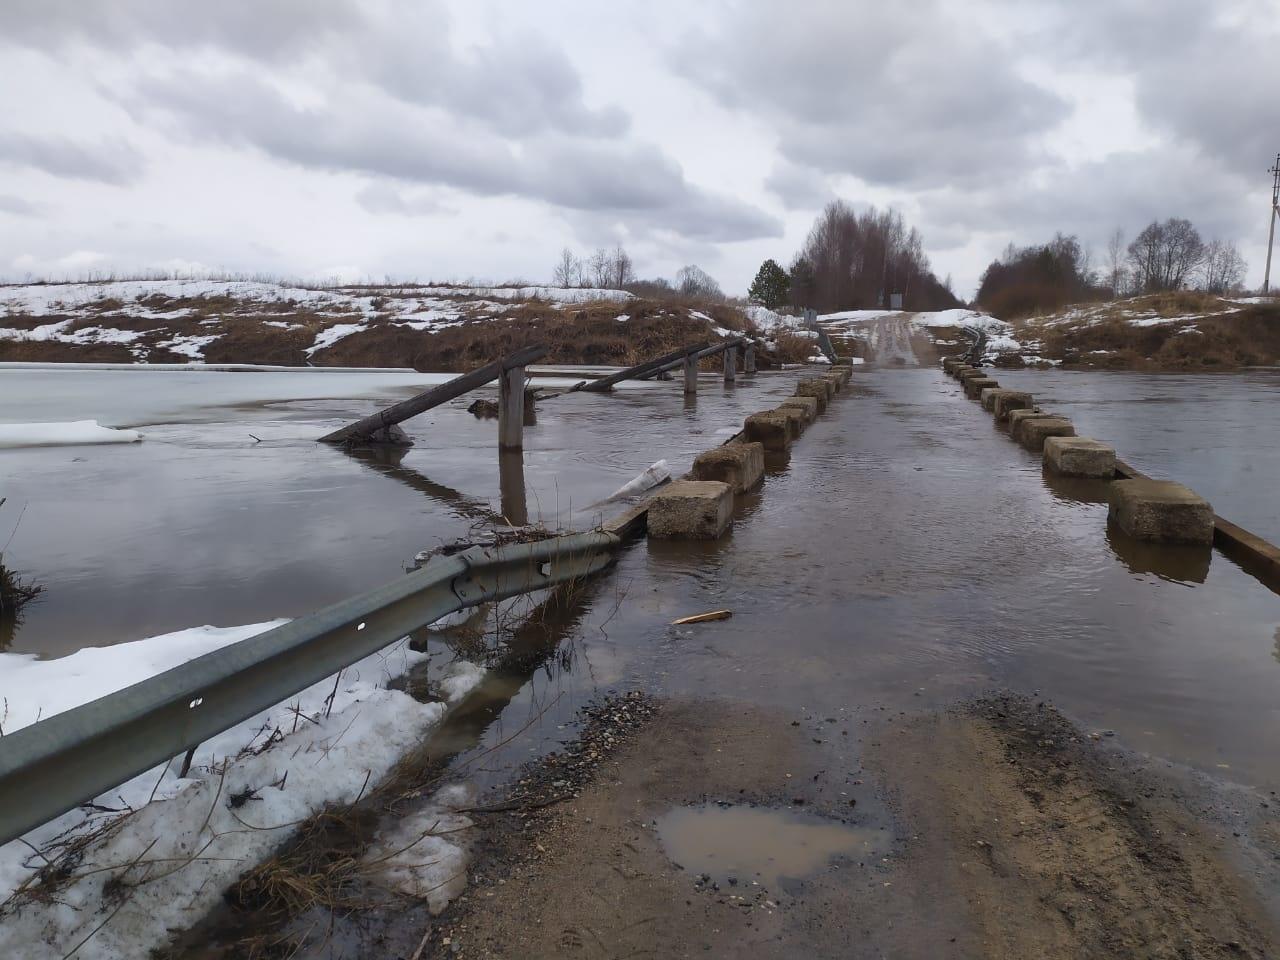 Подтопление низководного моста в районе д. Новая Гаврилово-Посадского района Ивановской области